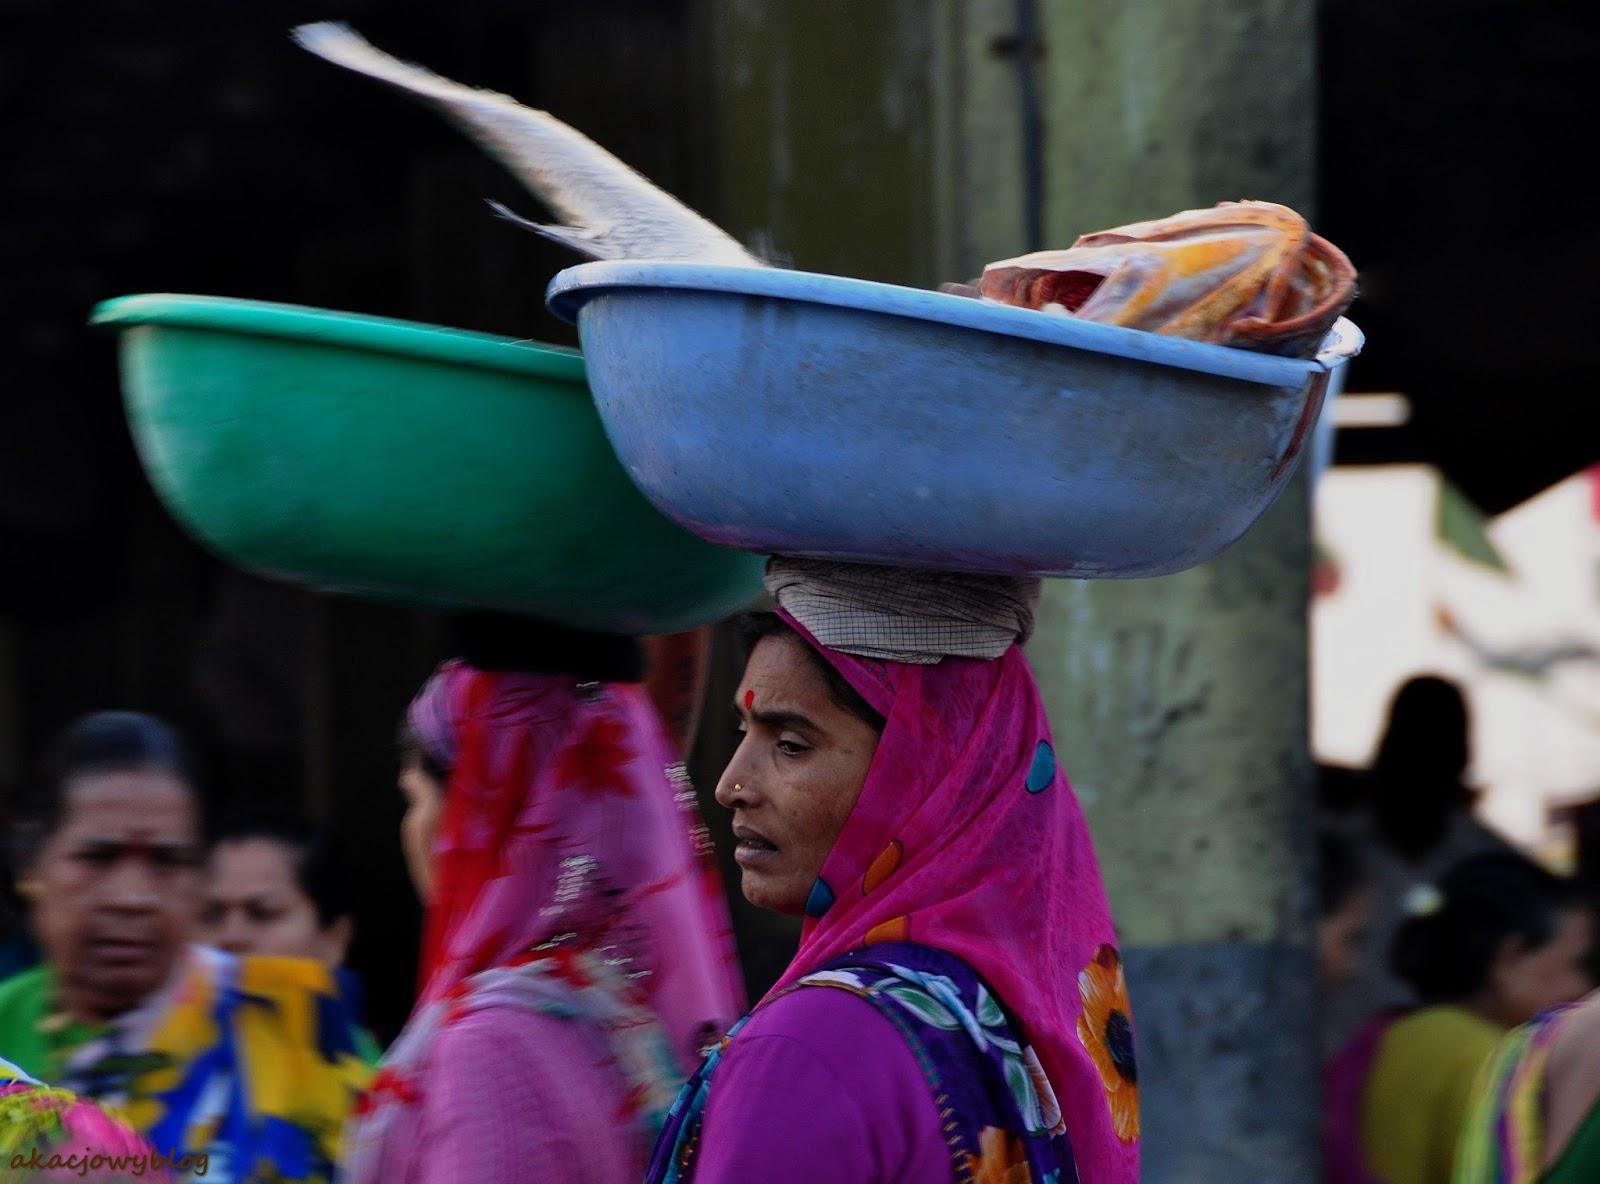 Jedziemy na słynny targ rybny w Mumbaiu.